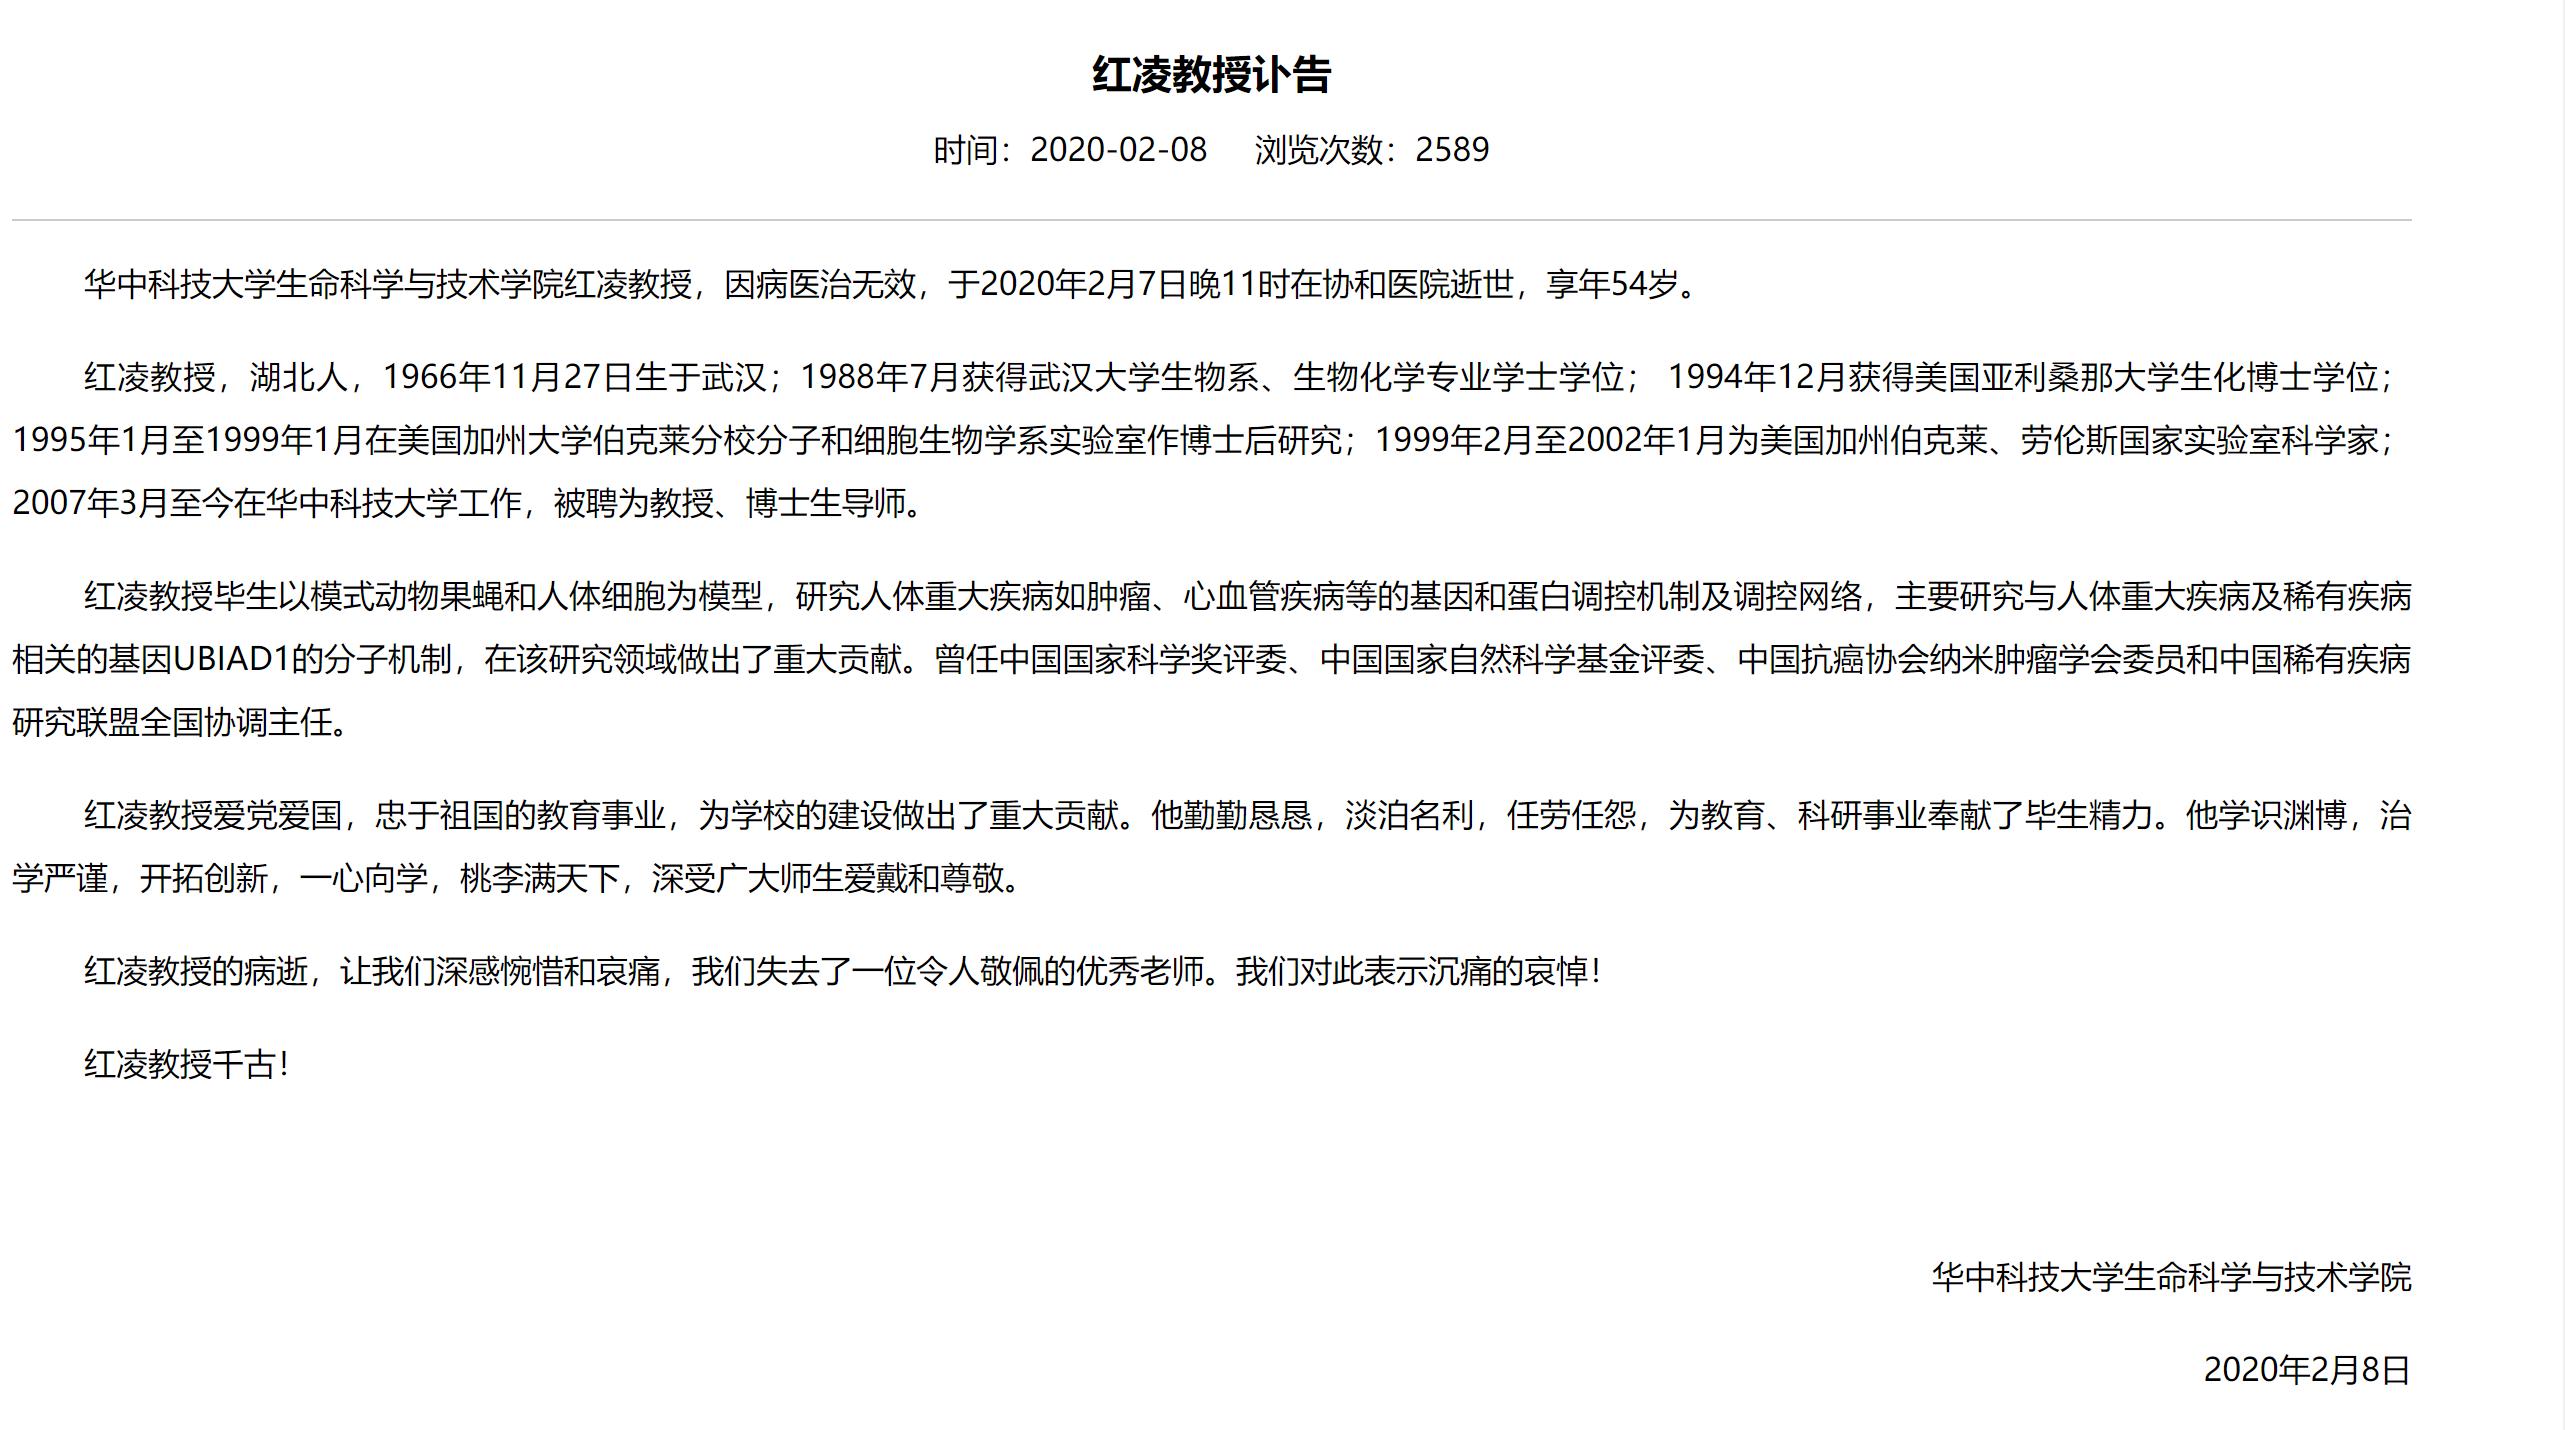 华中科技大学教授红凌因新冠肺炎医治无效逝世